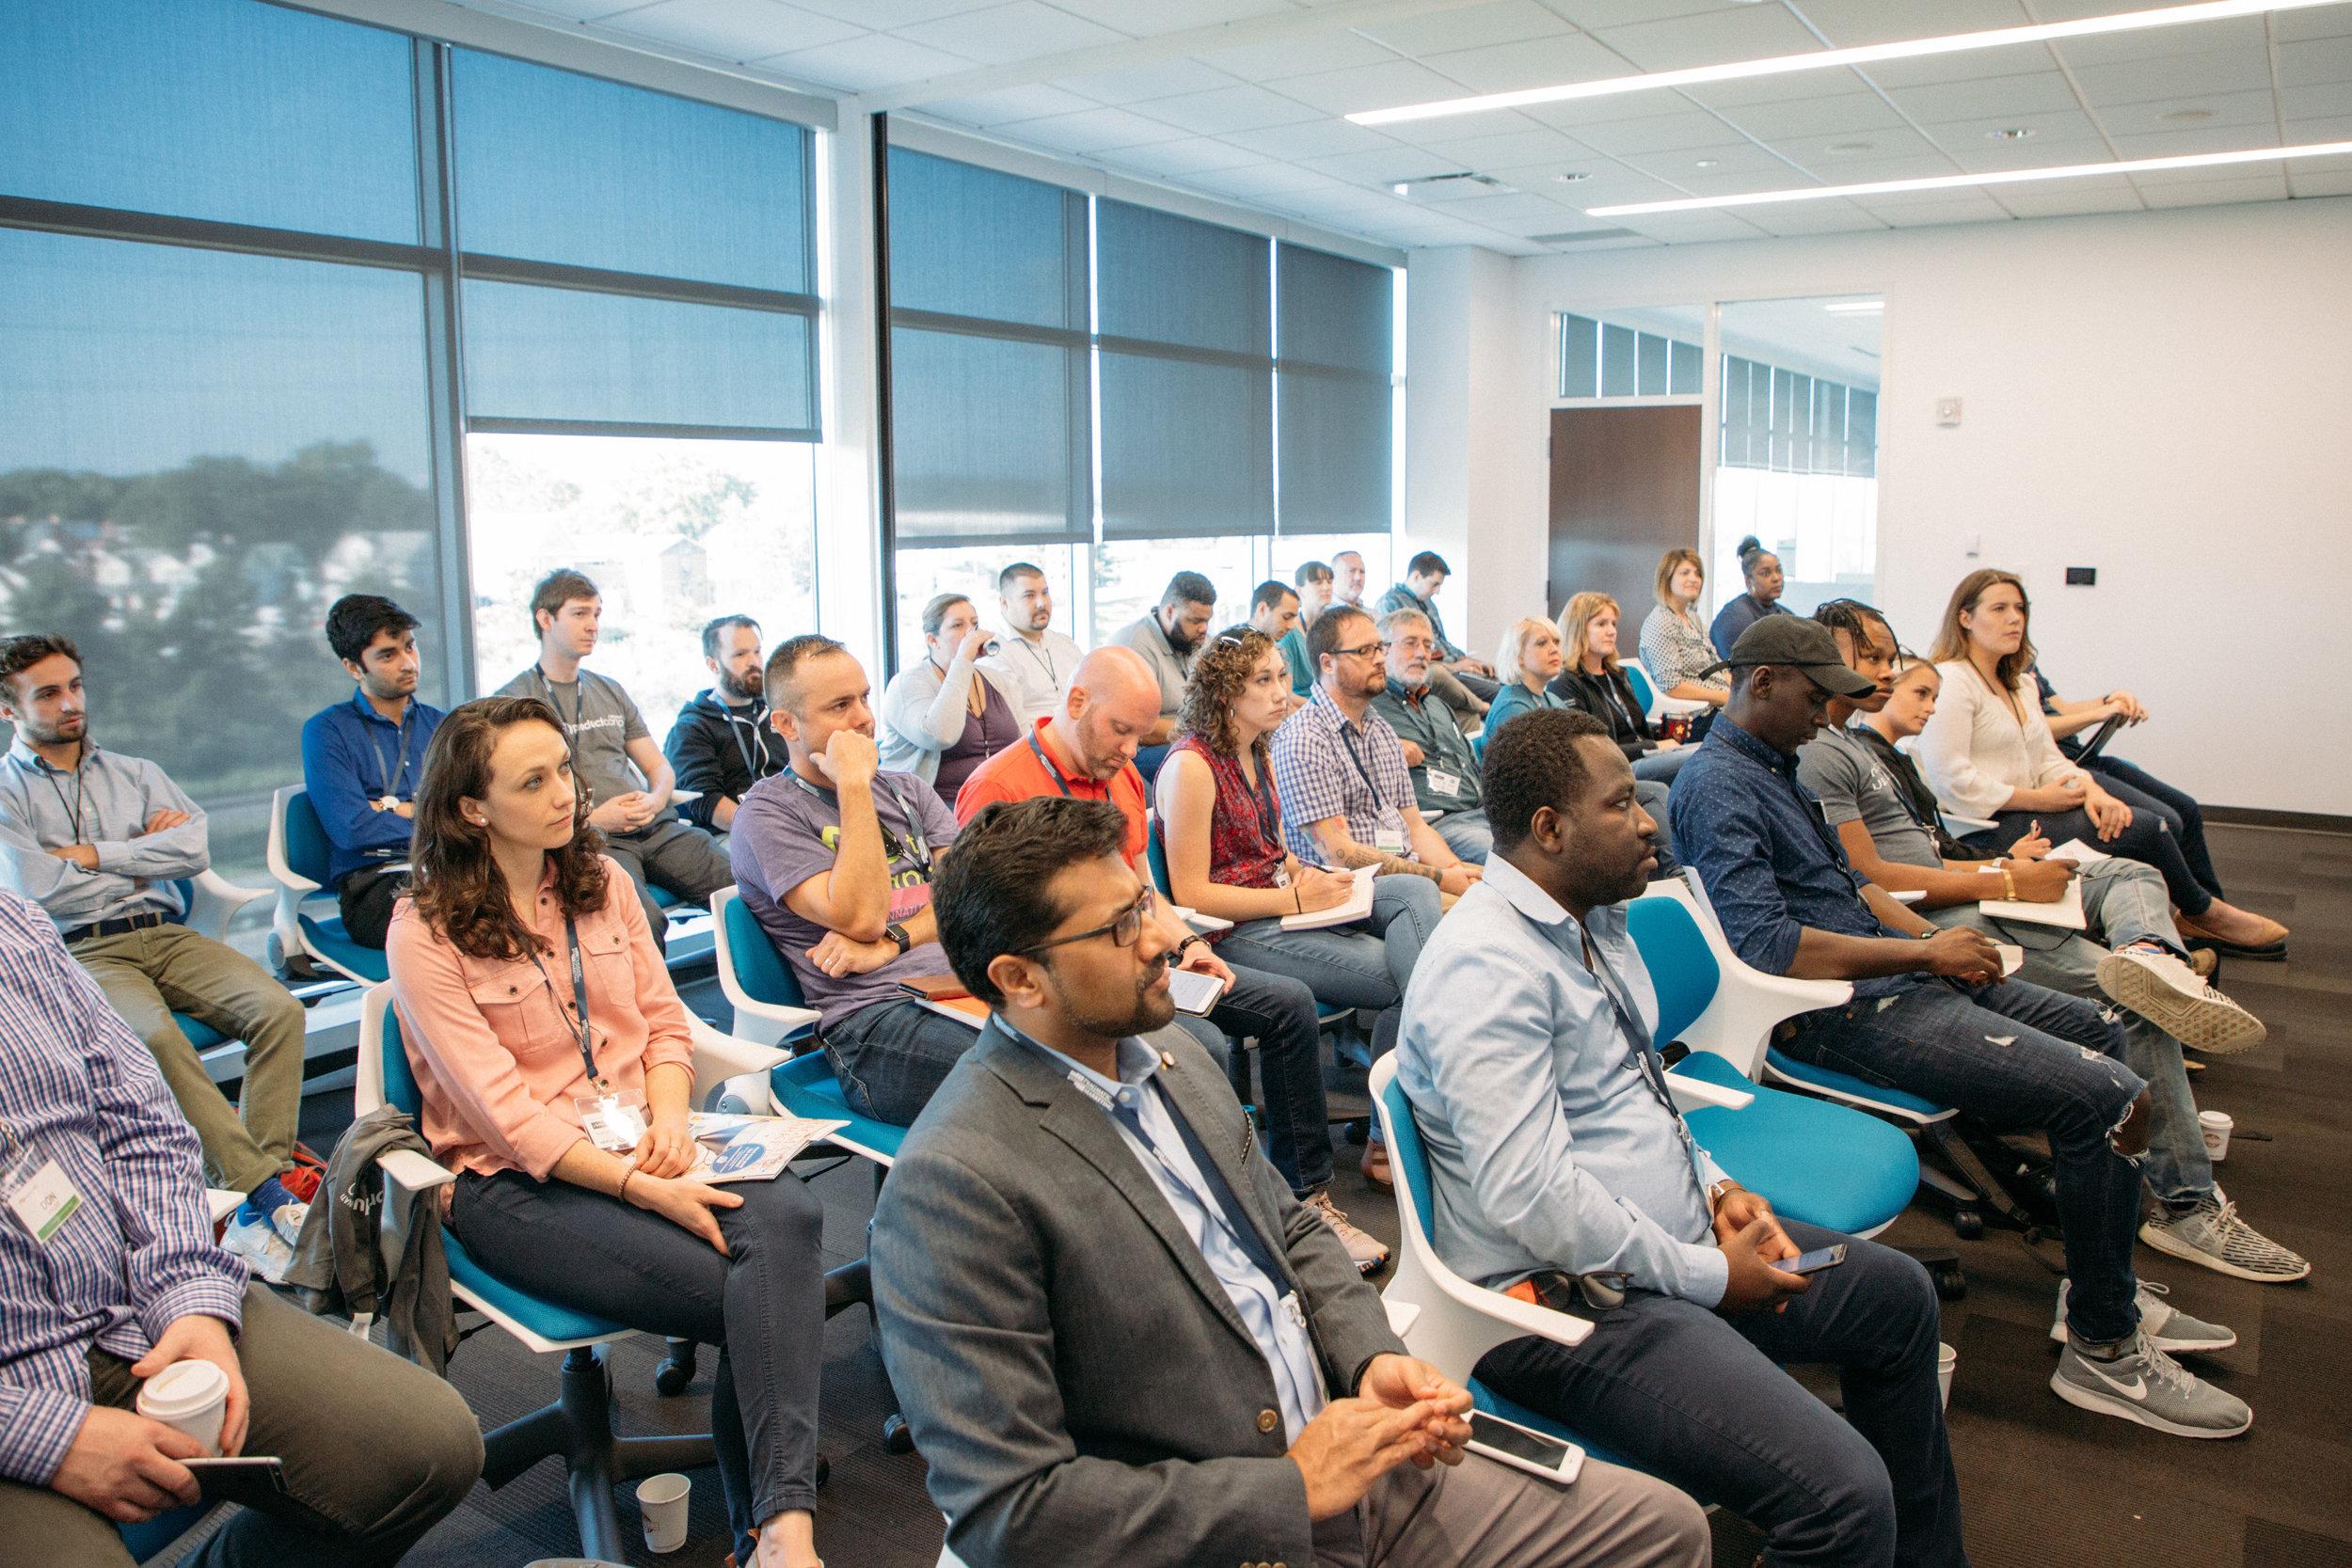 ProductCamp Cincinnati Audience Attentive.JPG